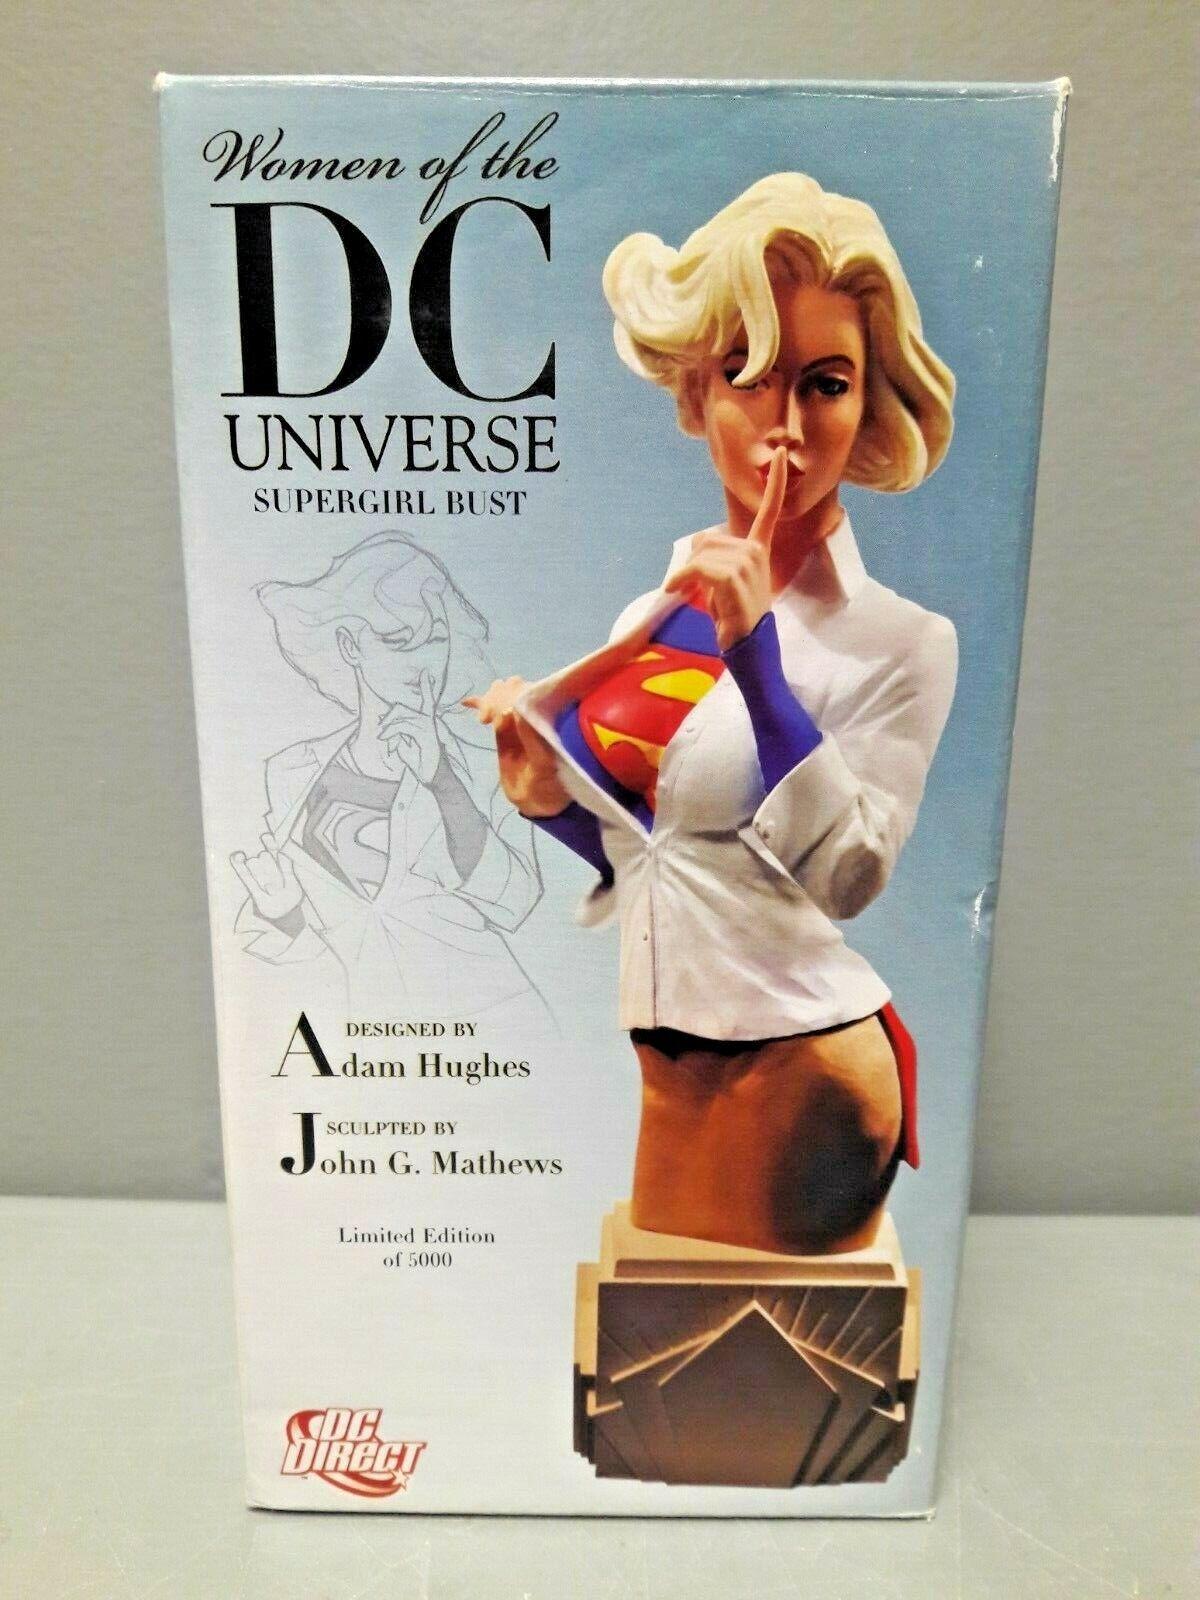 DC Mujeres de la DC Uinverse DIRECT súpergirl Busto Edición Limitada Adam Hughes